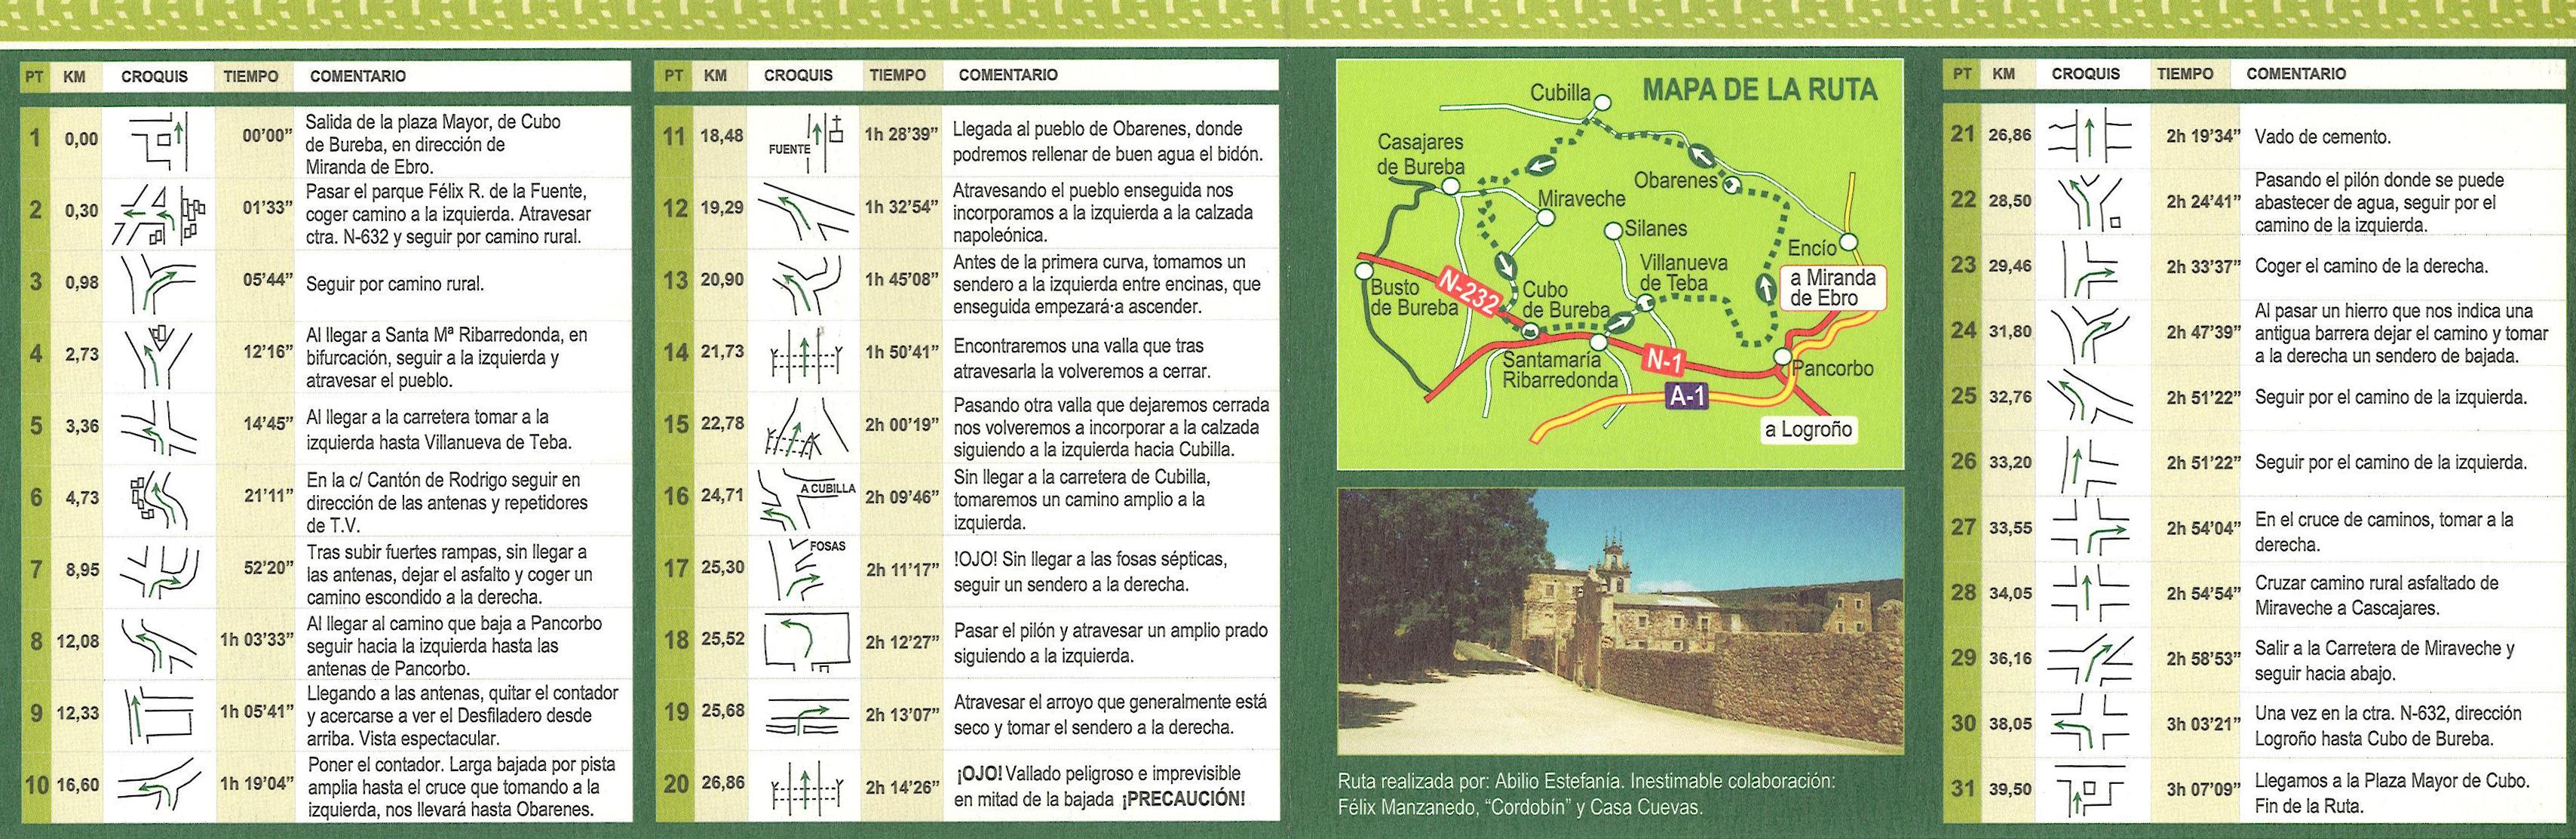 mapa-iii